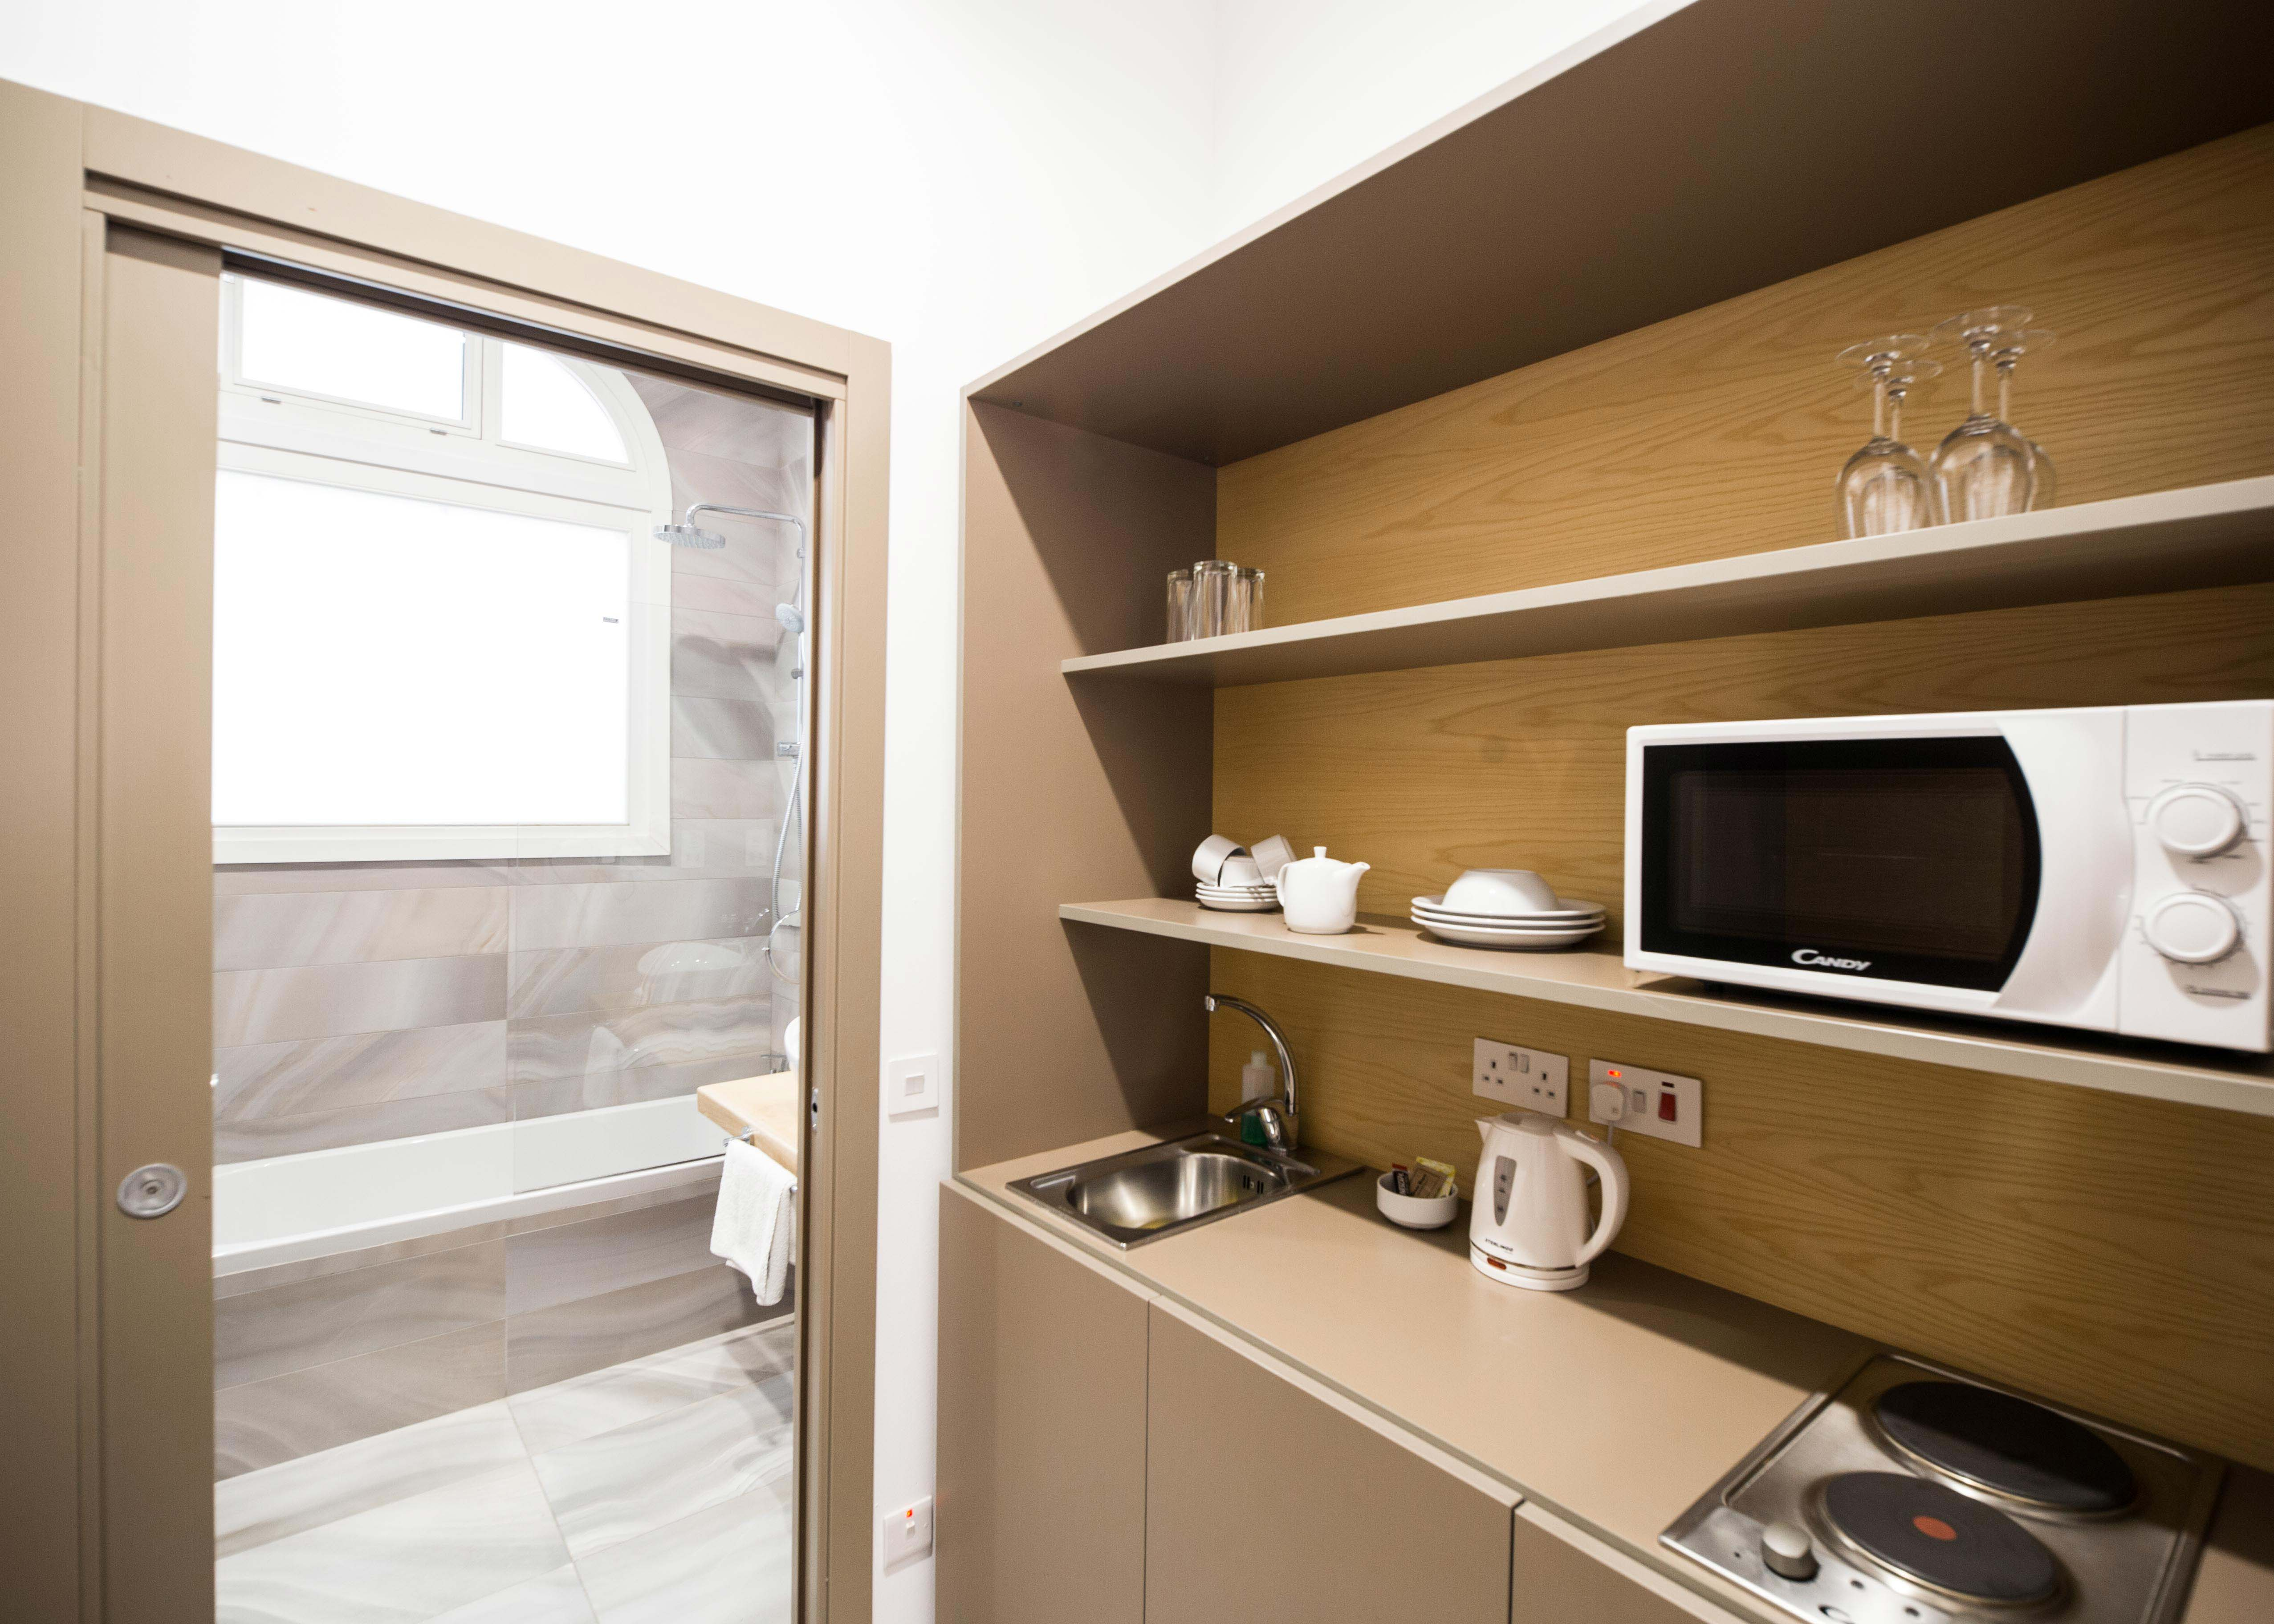 Deluxe room với bếp, khách sạn cho kì nghỉ gia đình Malta, The British Suites